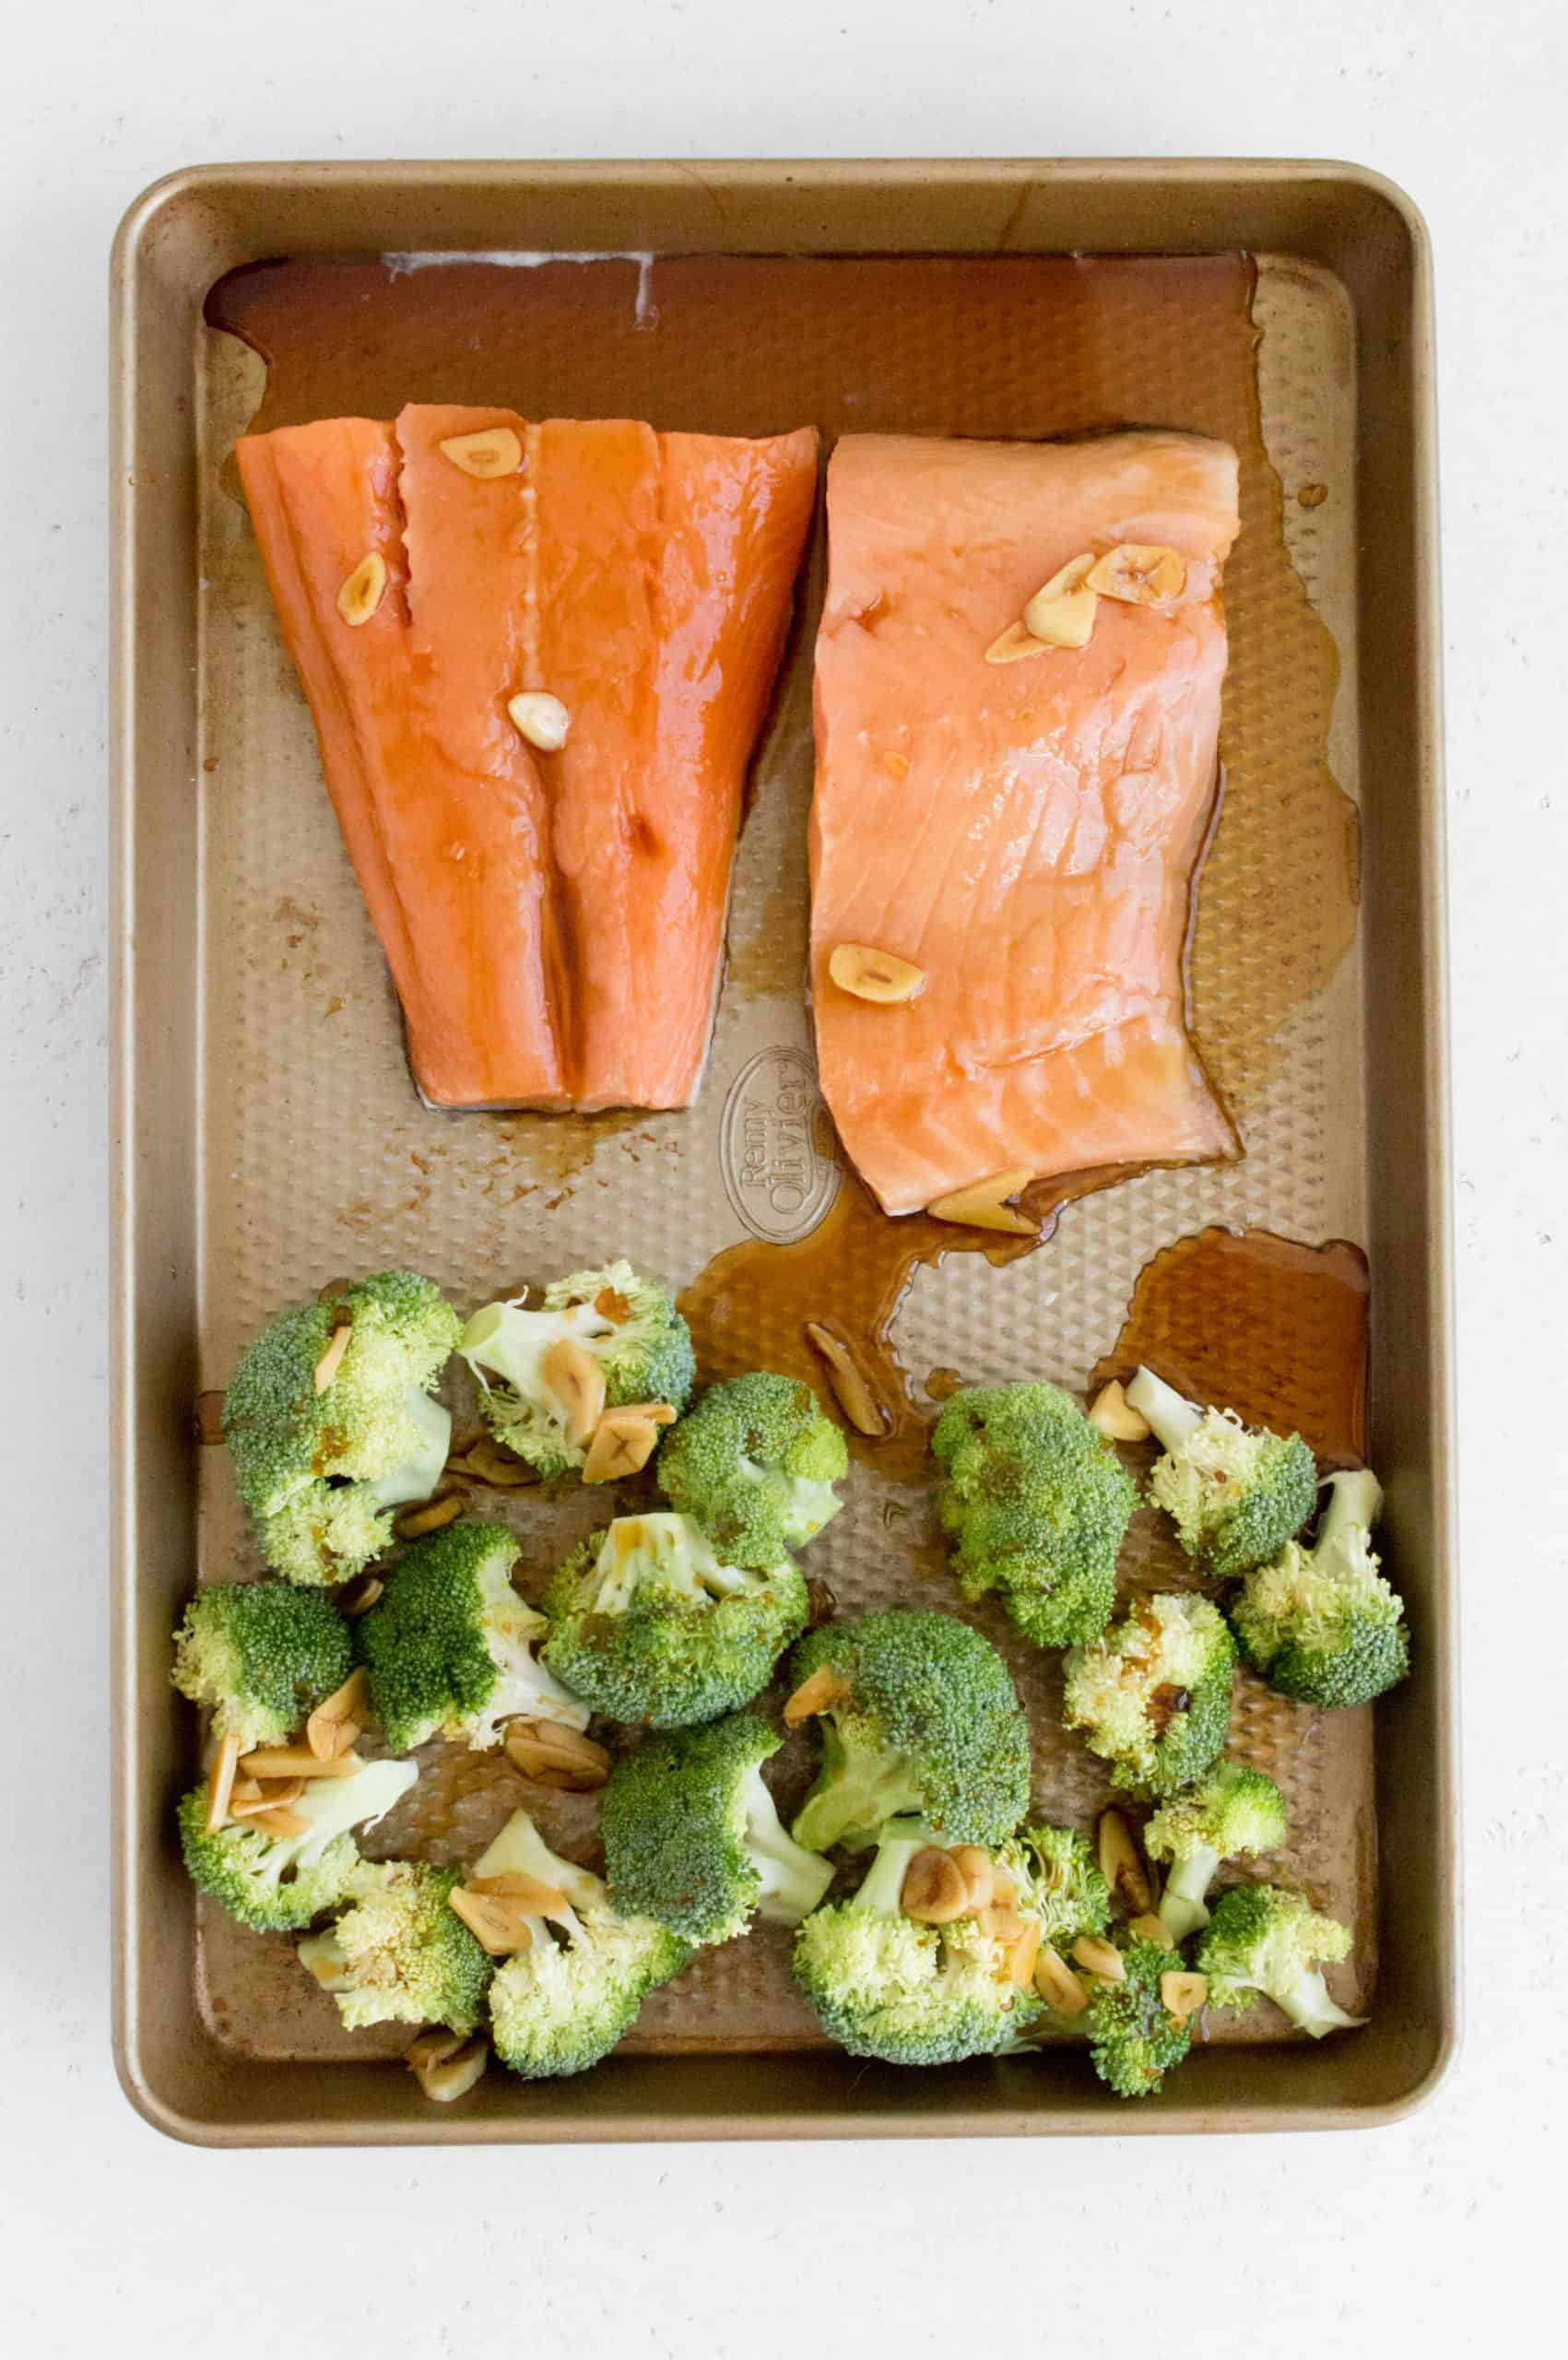 salmon and broccoli on sheet pan with teriyaki sauce on top